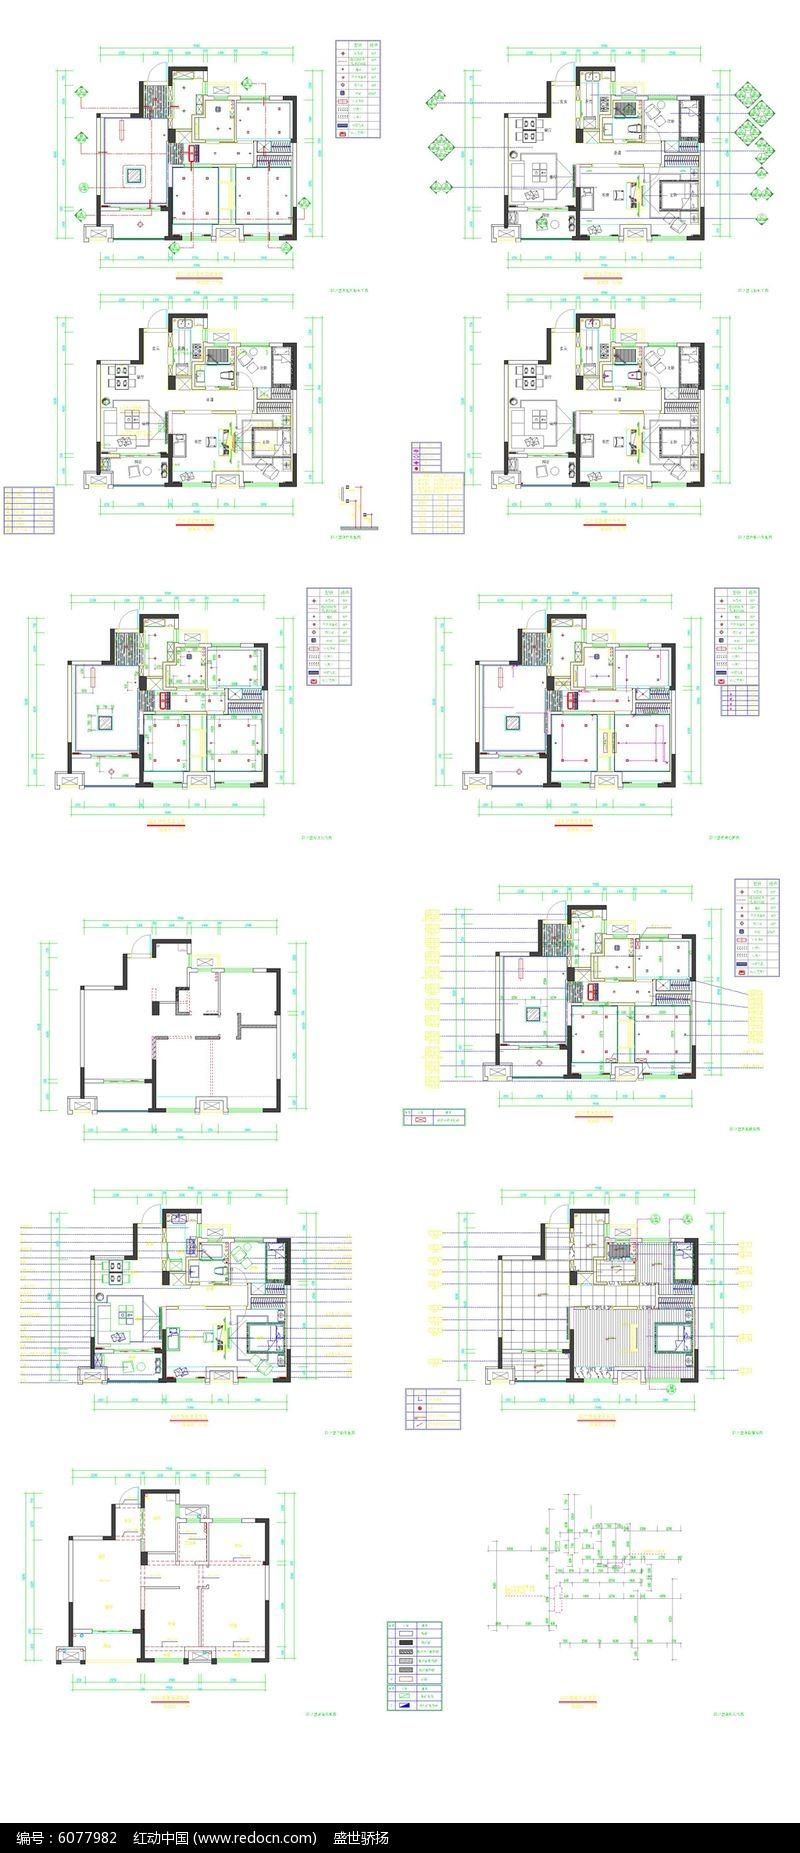 家居户型结构平面图dwg素材下载_室内装修设计图片